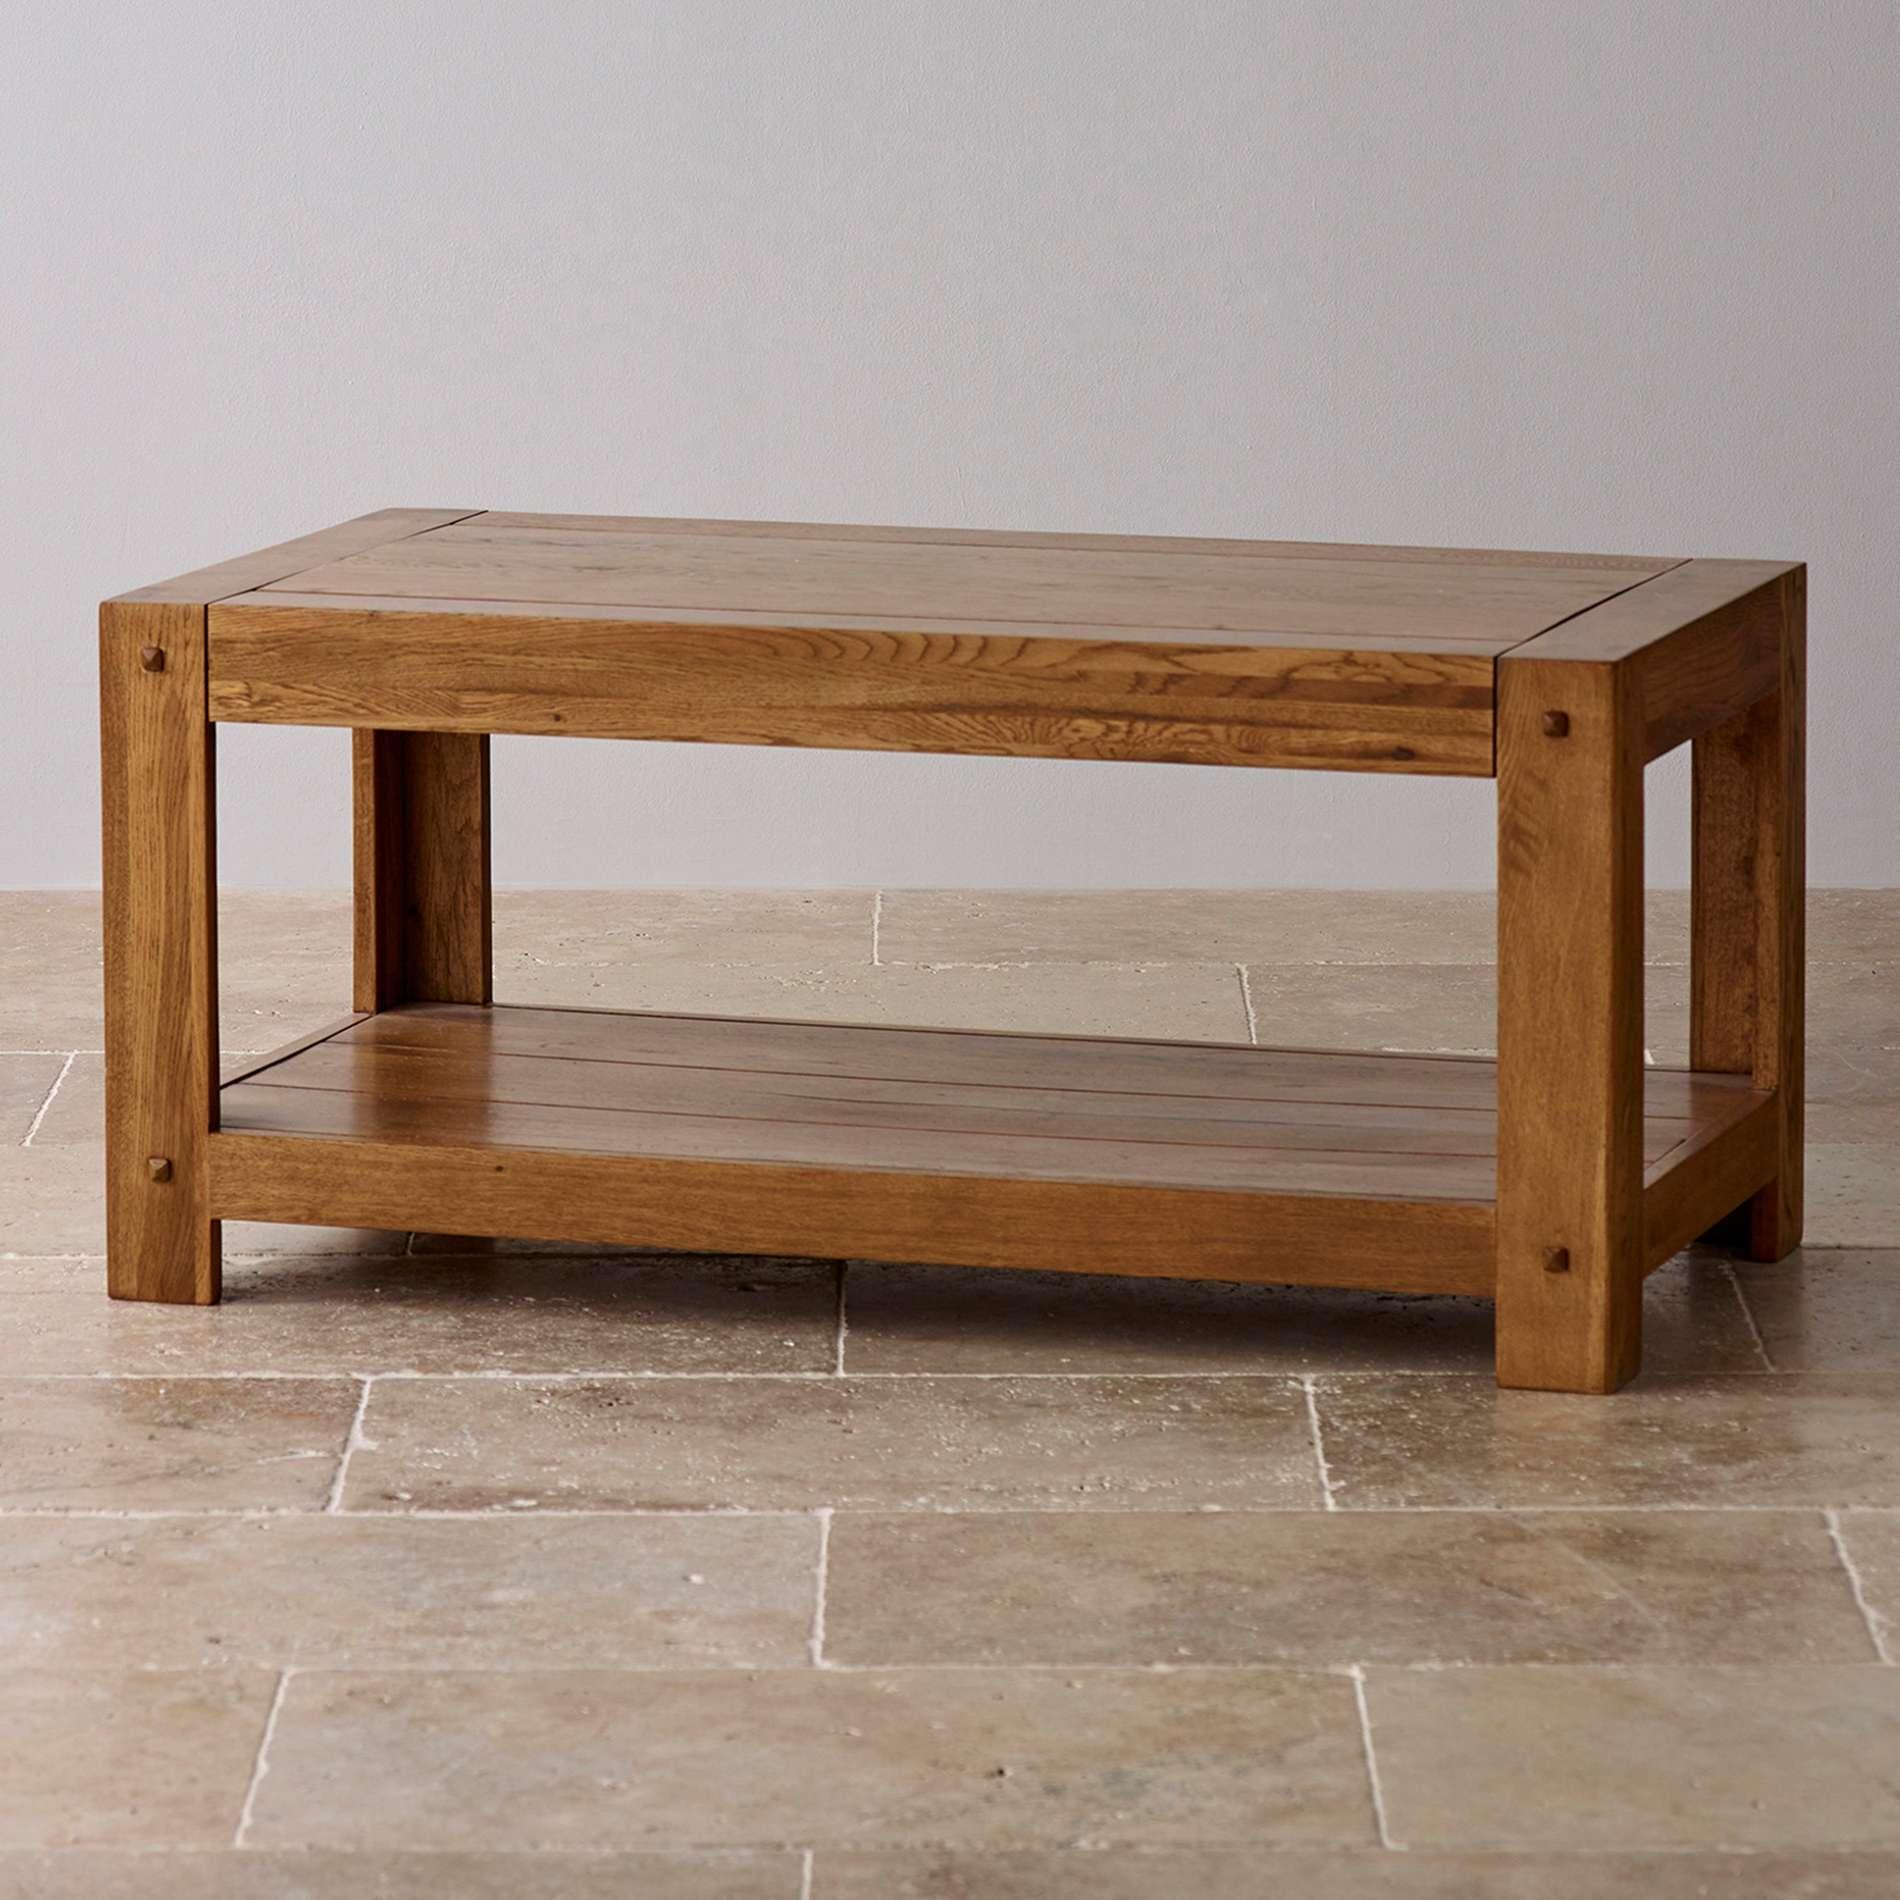 Preferred Dark Oak Coffee Tables For Coffee Table : Amazing Coffee Table Cherry Coffee Table Square Oak (View 16 of 20)